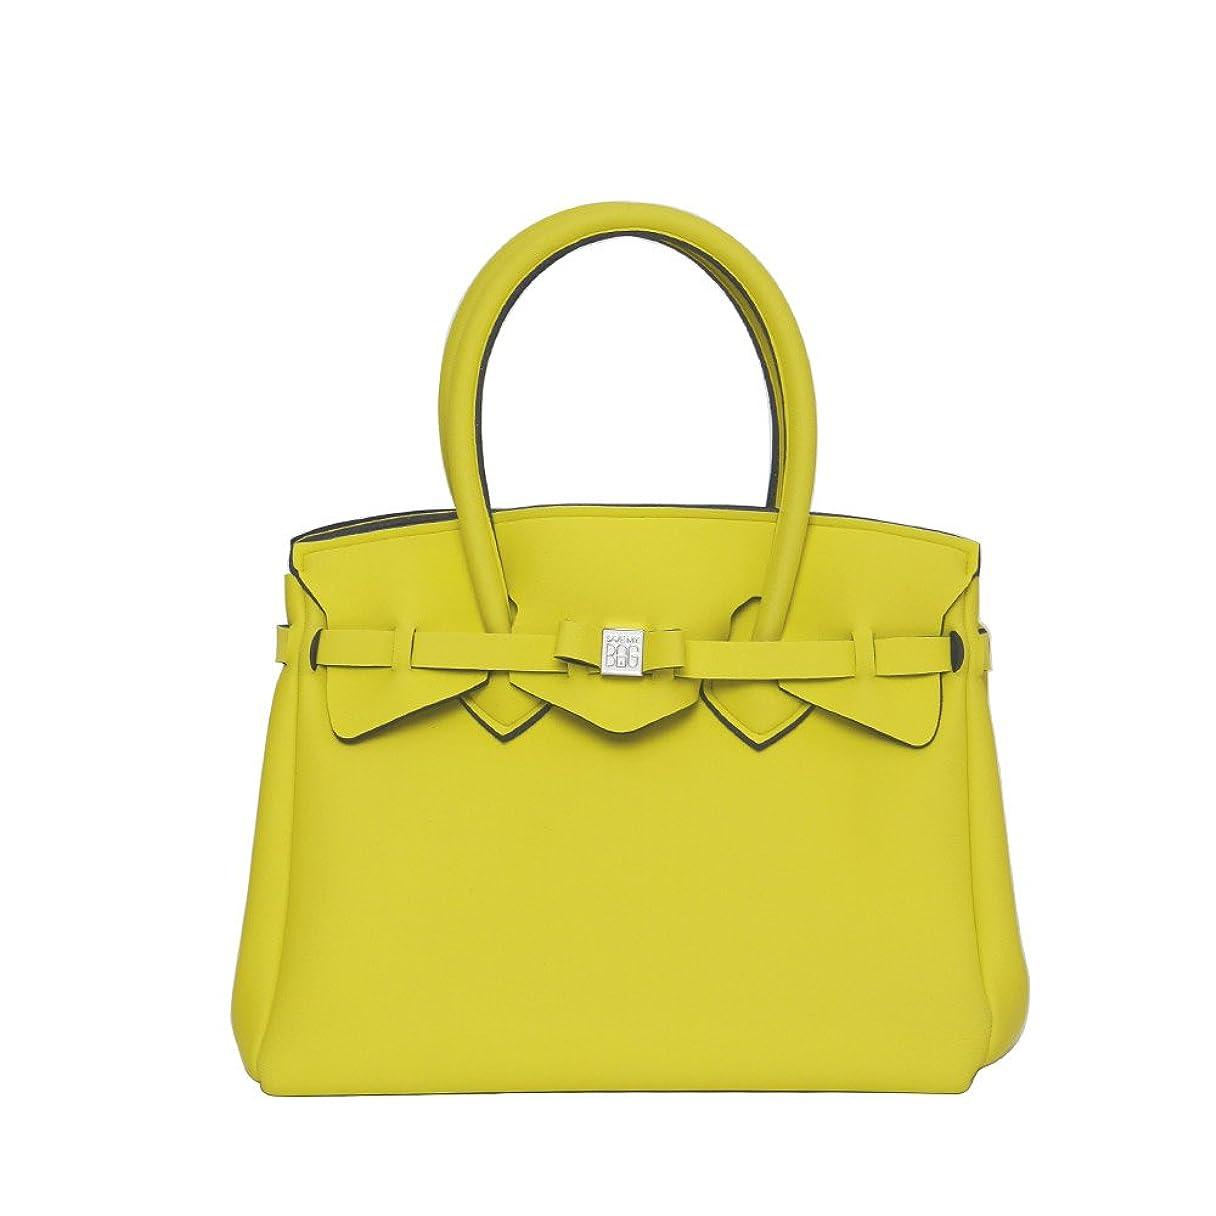 押すバターツイン[セーブマイバッグ]SAVE MY BAG MISS ミス ハンドバッグ 10204N GELOSIA(レモンイエロー)[並行輸入品]